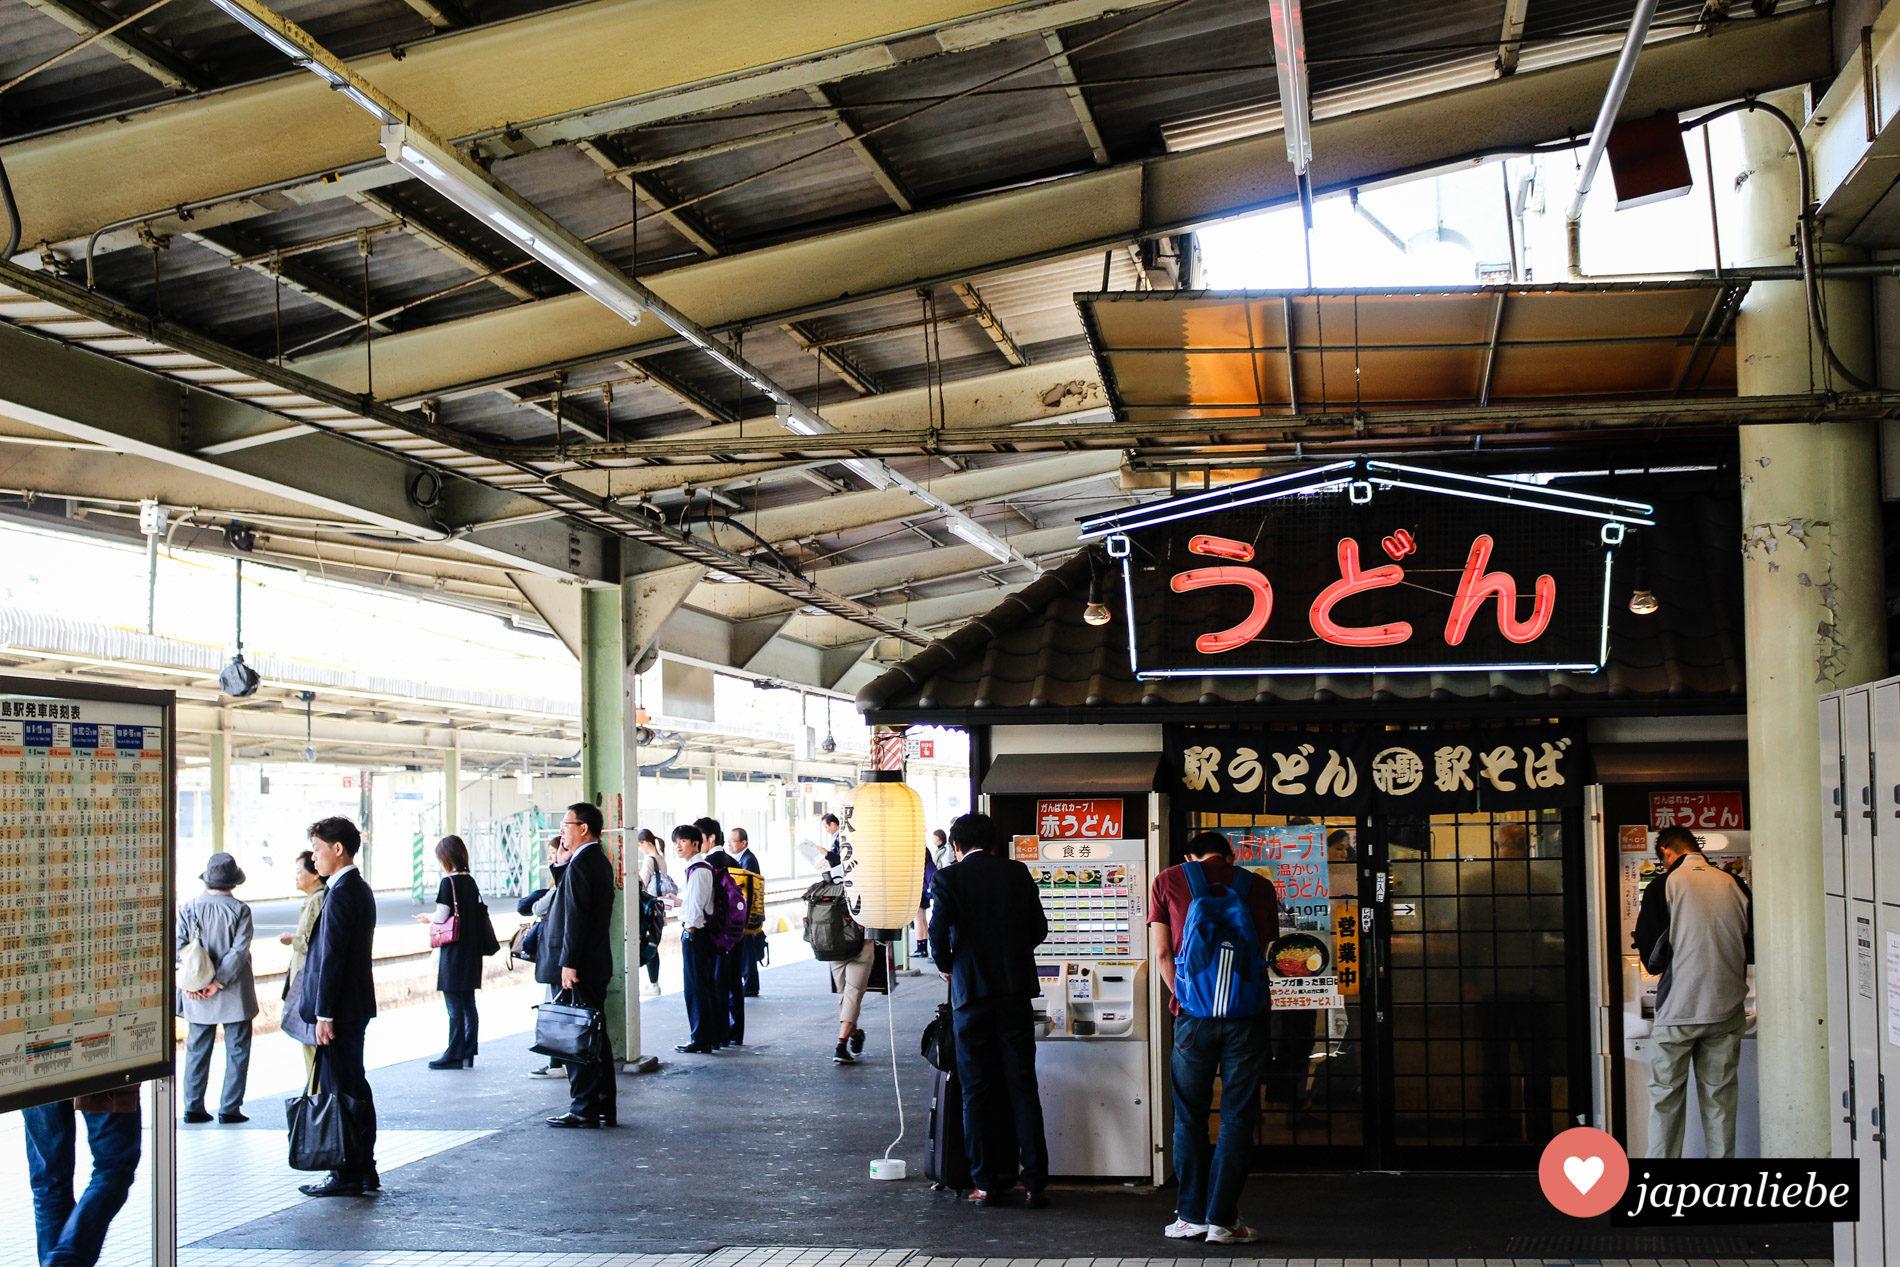 Ein Nudelsuppen-Restaurant für ekisoba und ekiudon am Bahnsteig in Hiroshima.